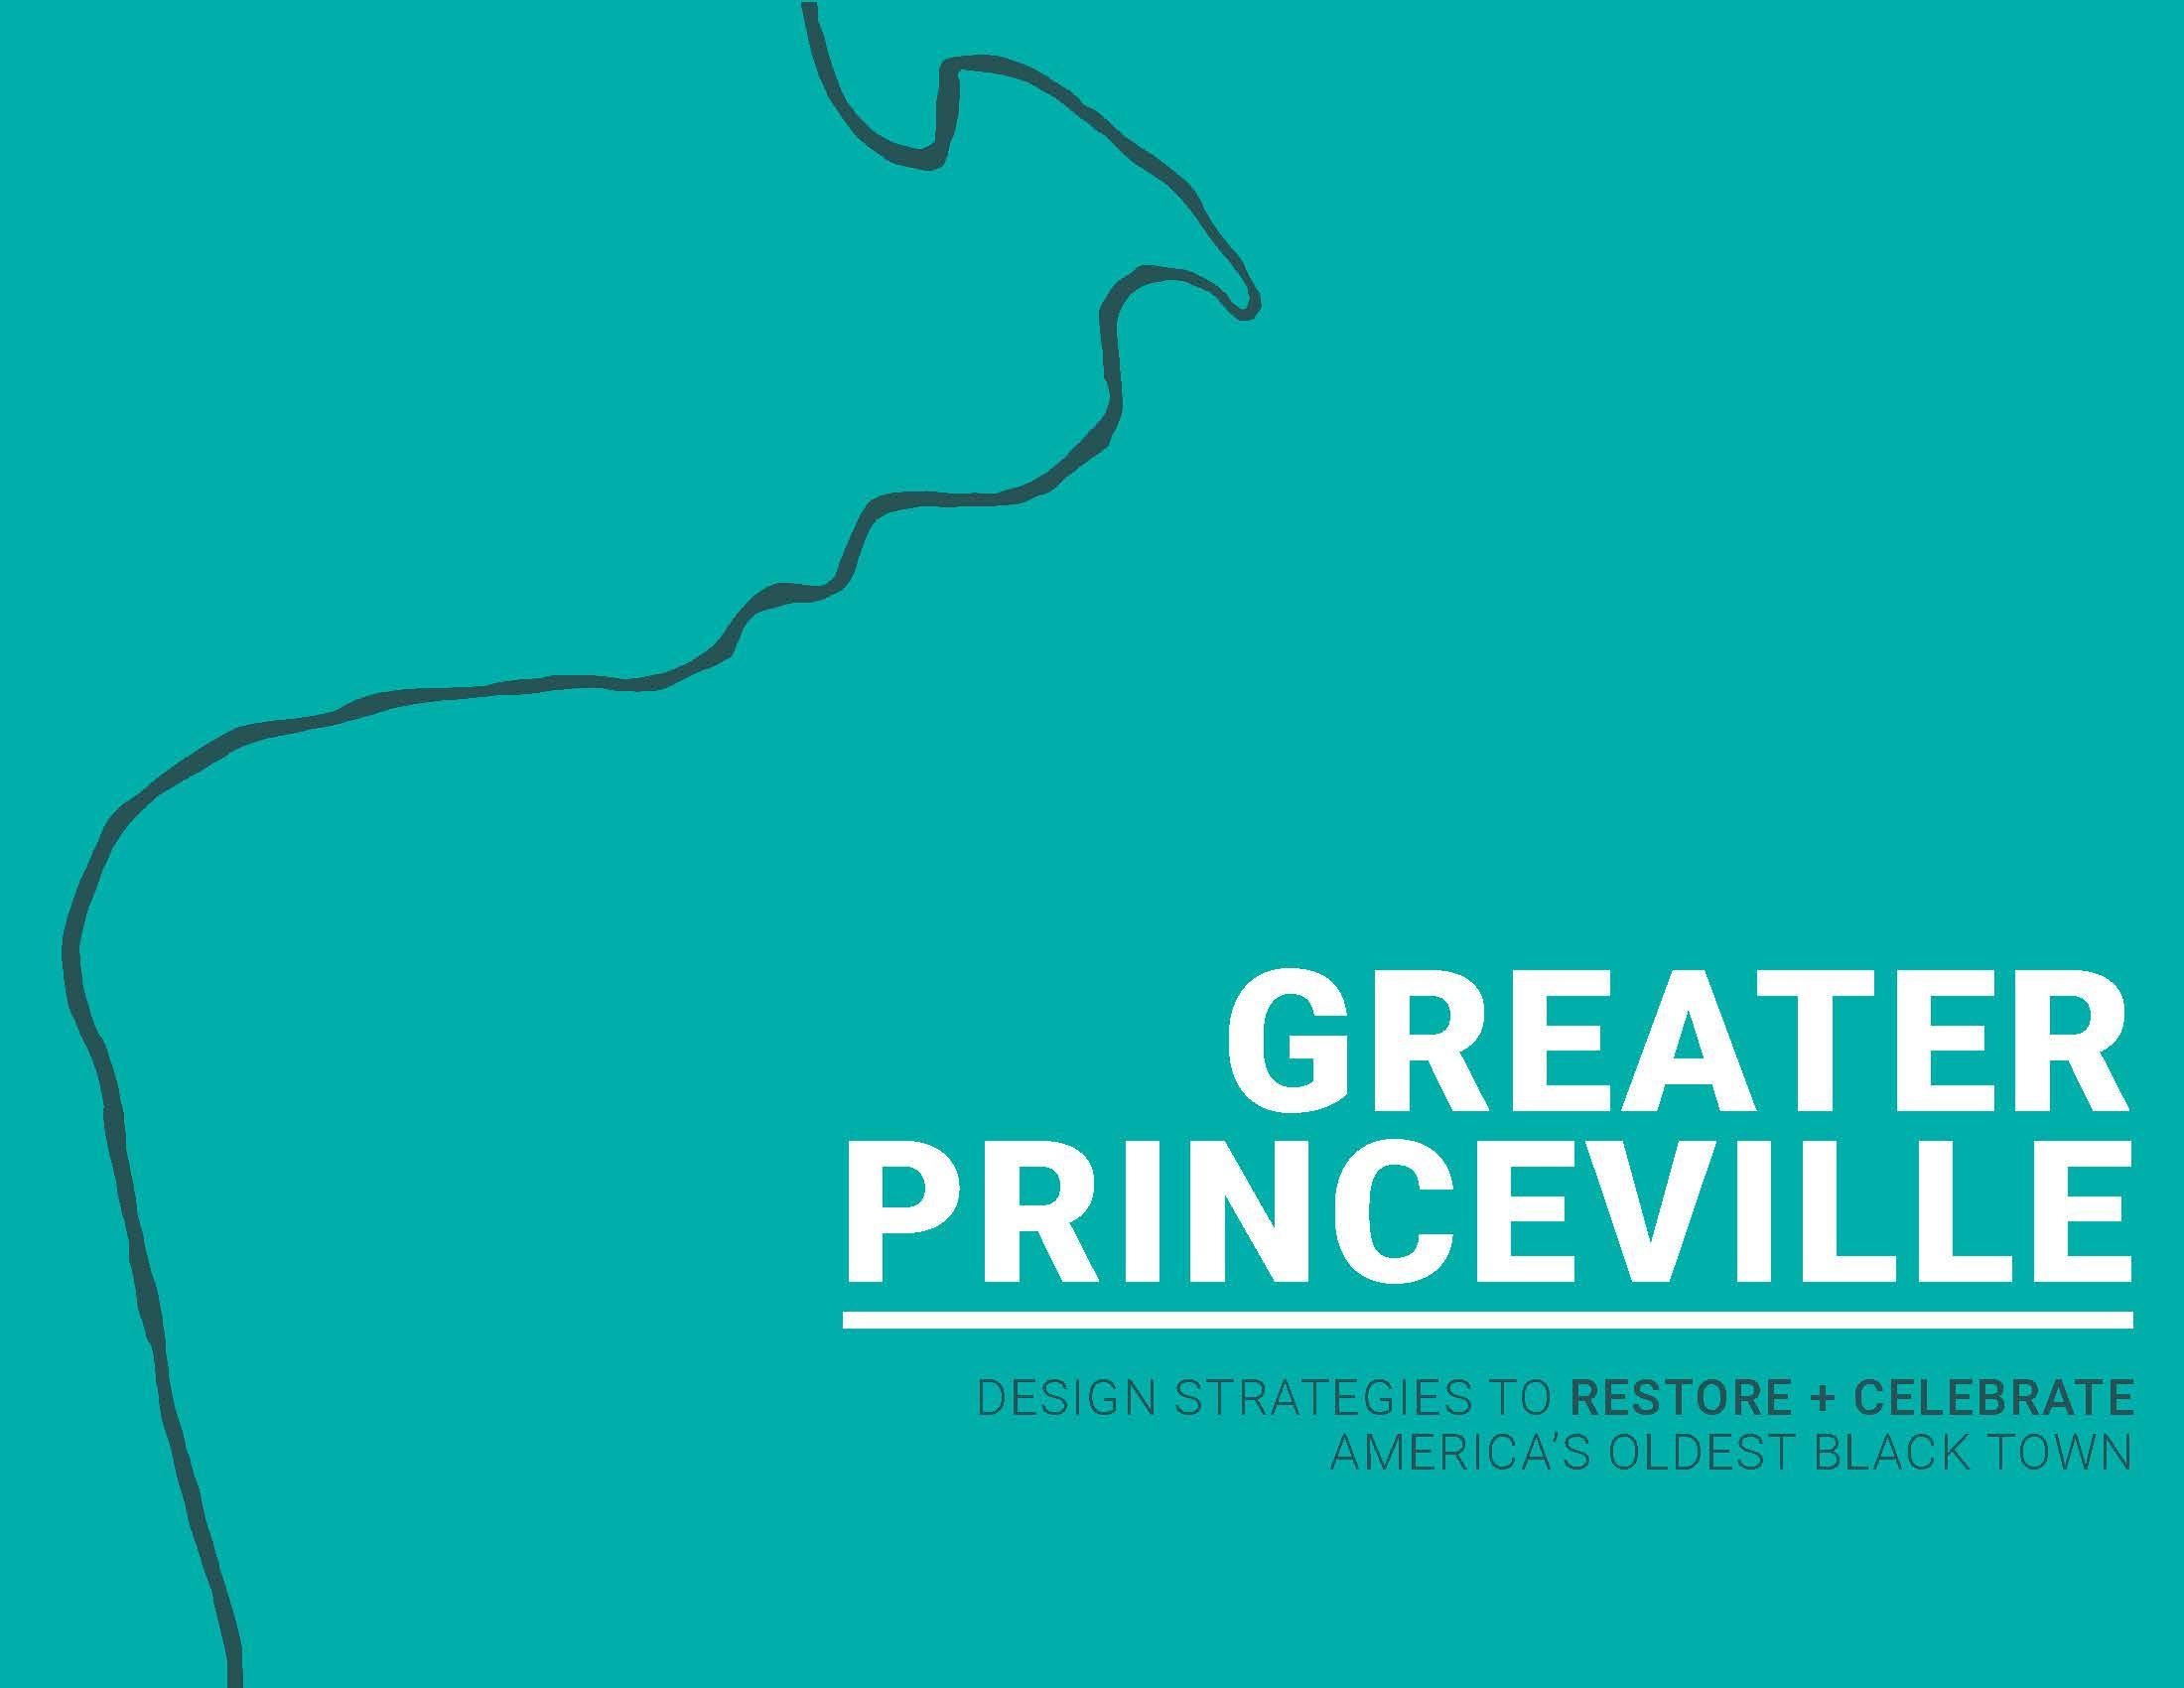 GreaterPrinceville_COVER.jpg